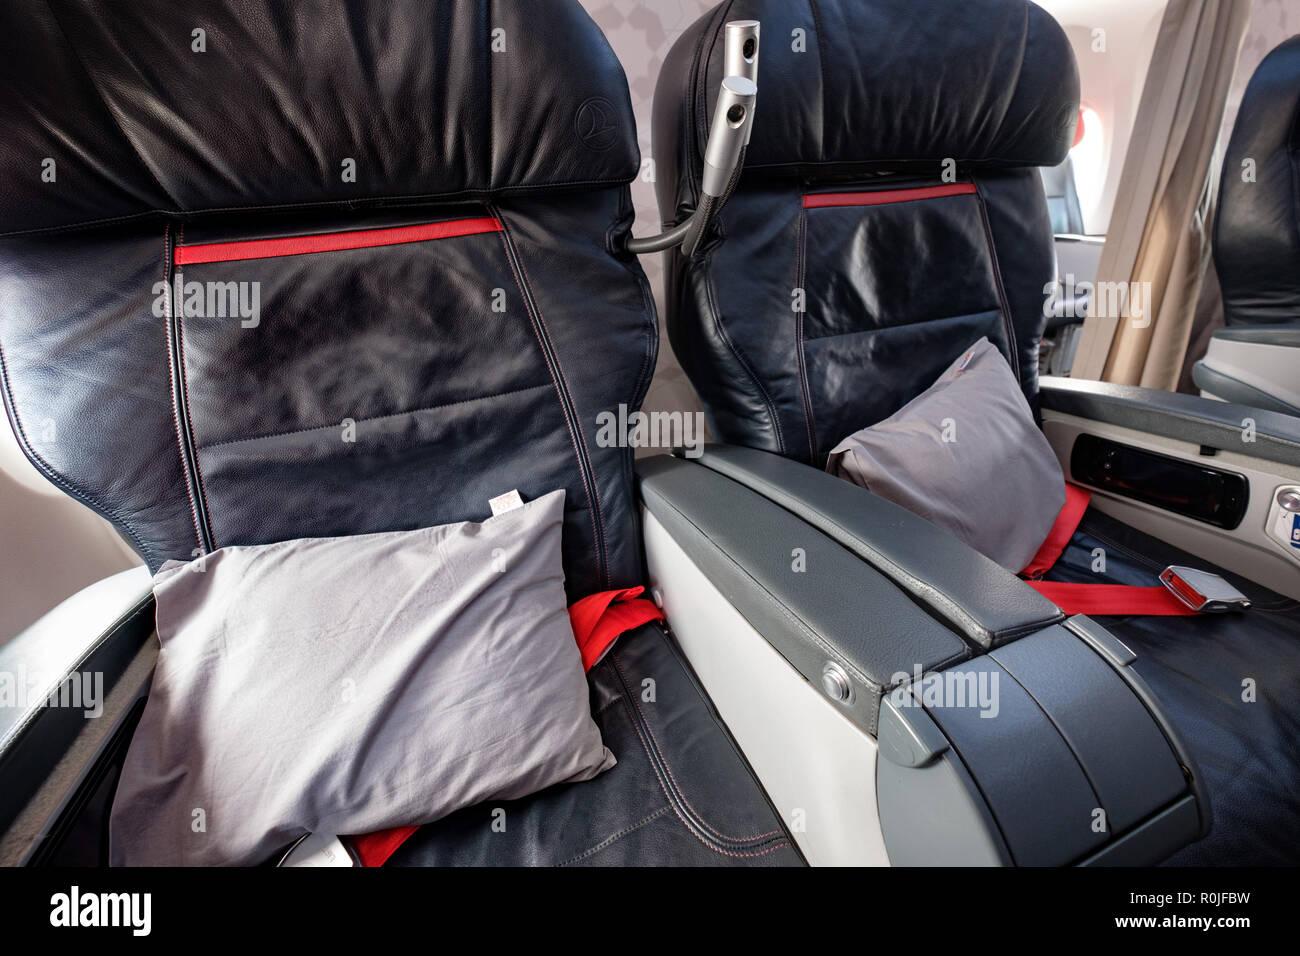 First Class Air Travel Stock Photos Amp First Class Air